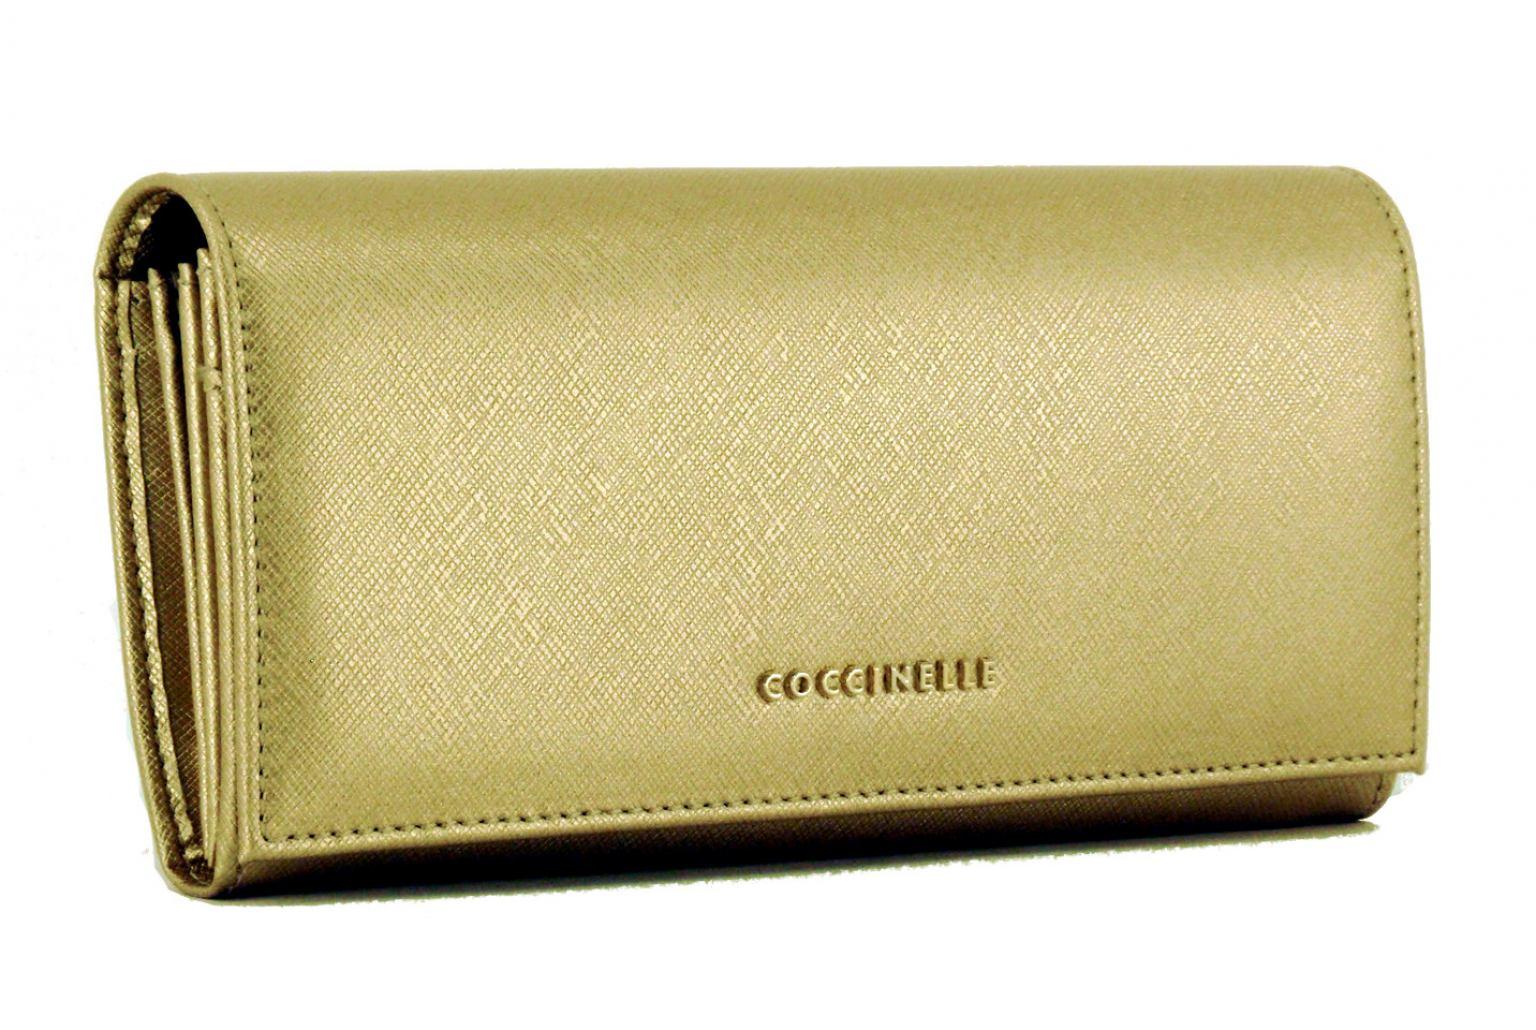 Coccinelle Geldtasche Saffiano gold (new platin)